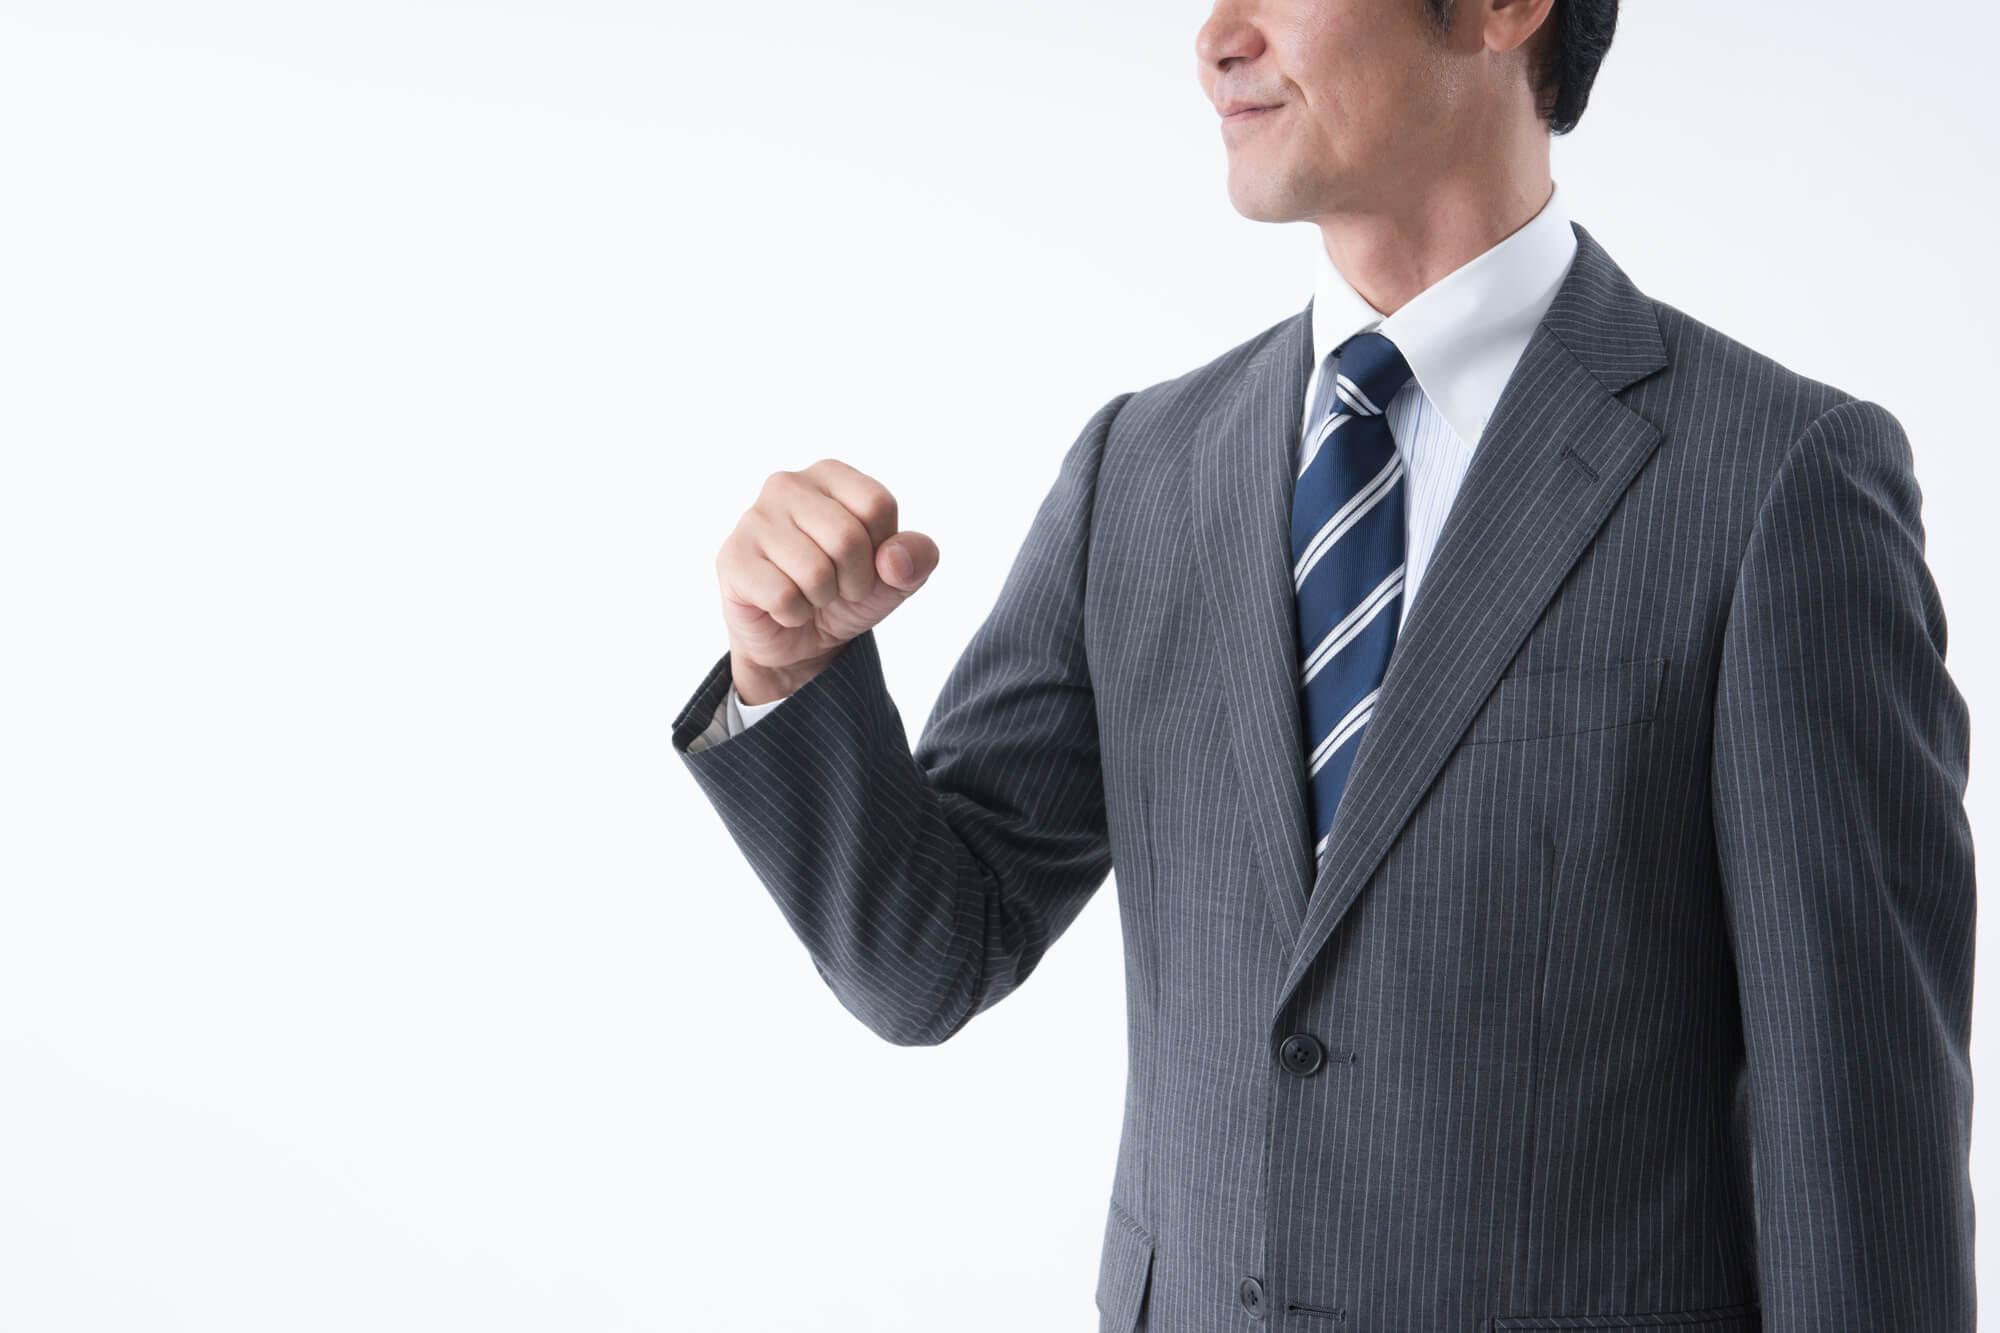 40代未経験の転職成功談